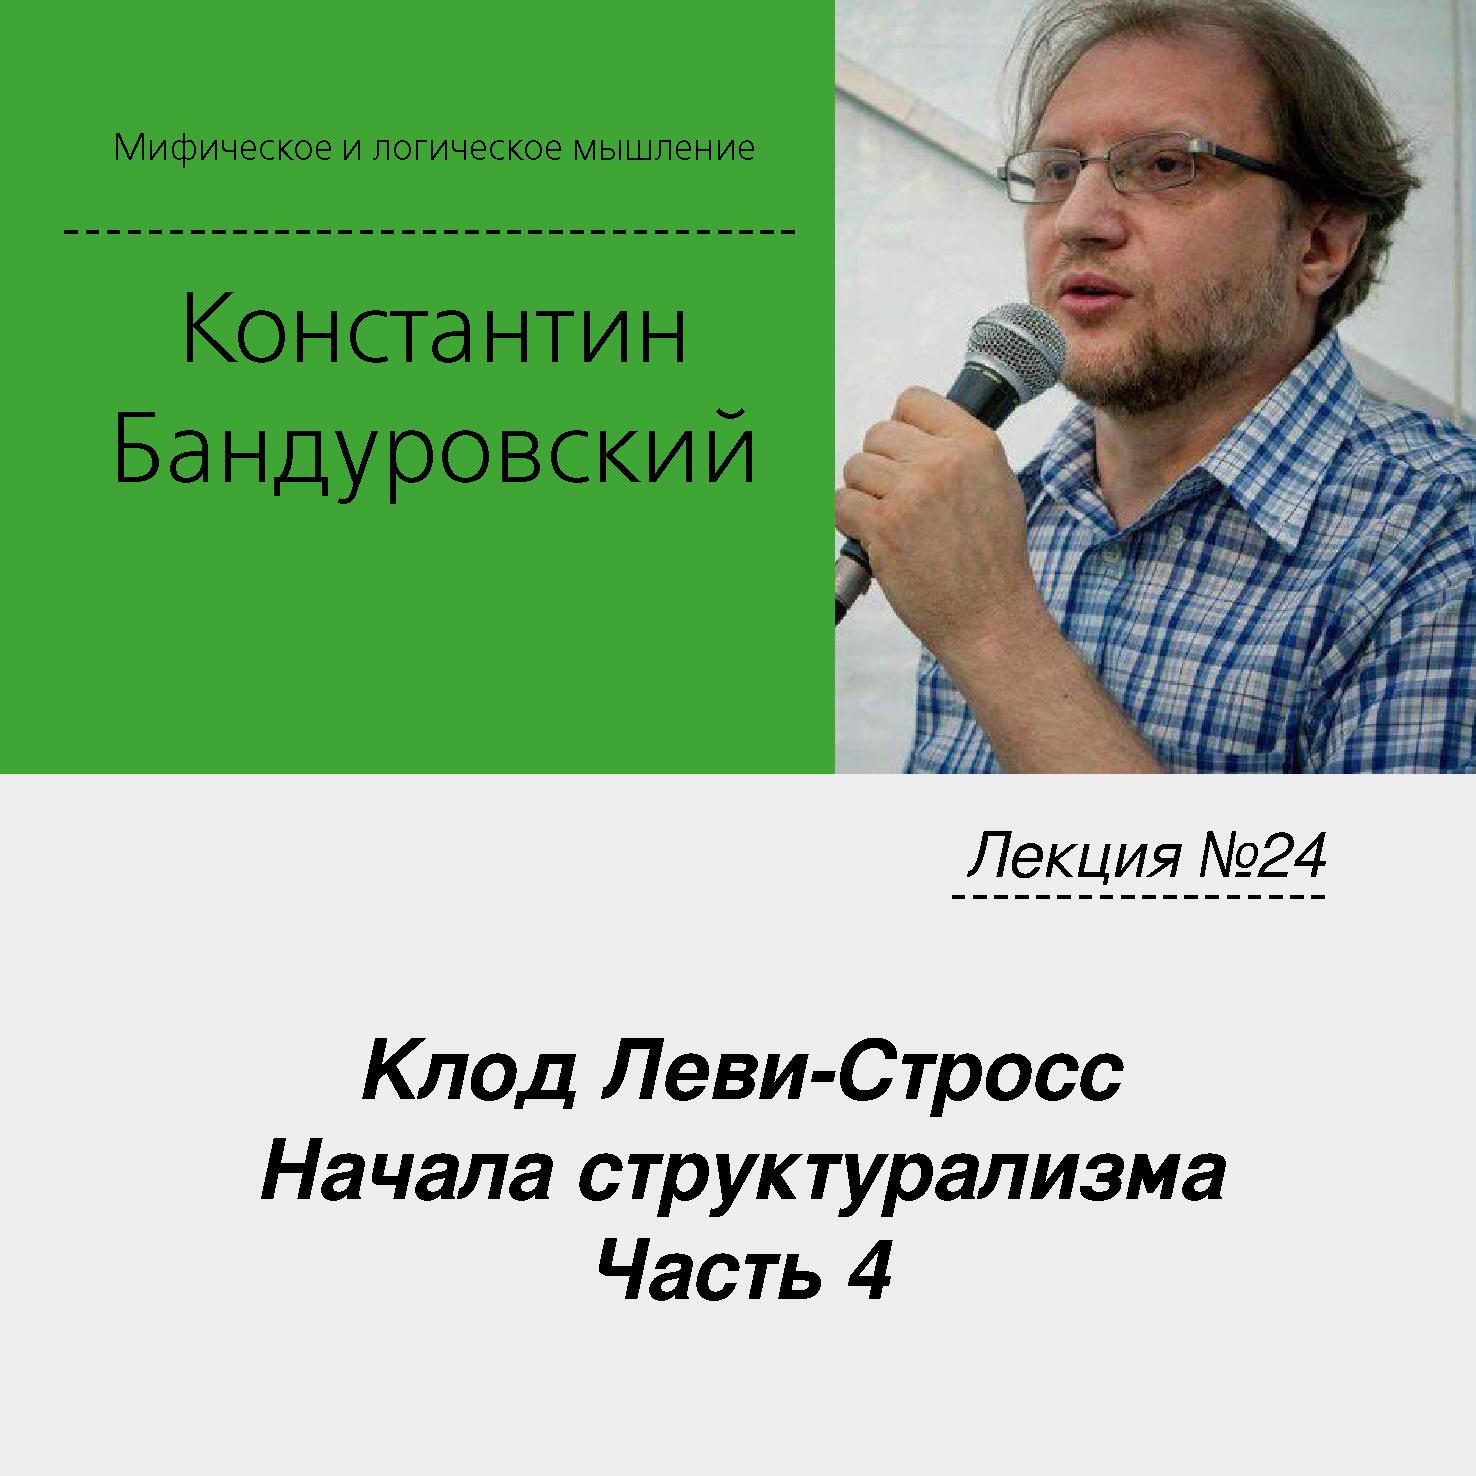 Константин Бандуровский Лекция №24 «Клод Леви-Стросс. Начала структурализма. Часть 4»